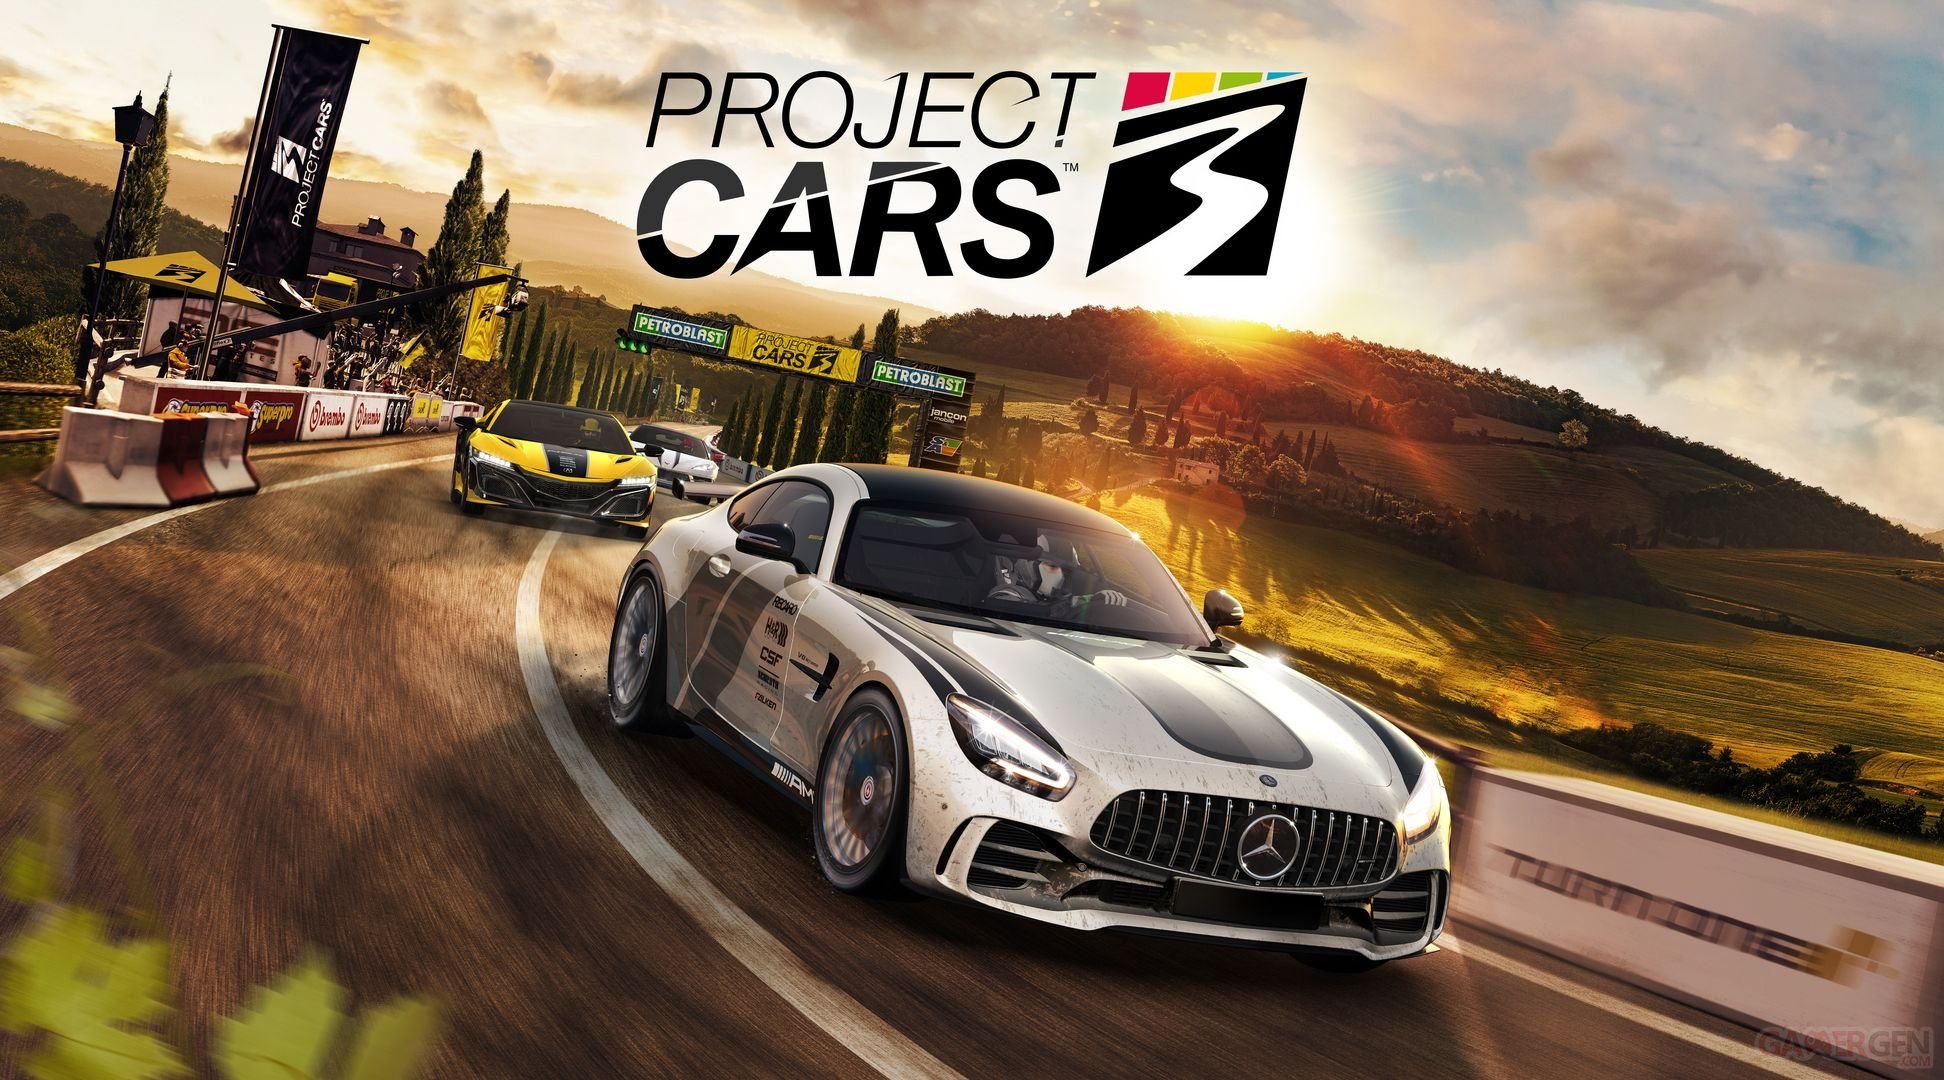 Project Cars 3 dévoile sa date de sortie